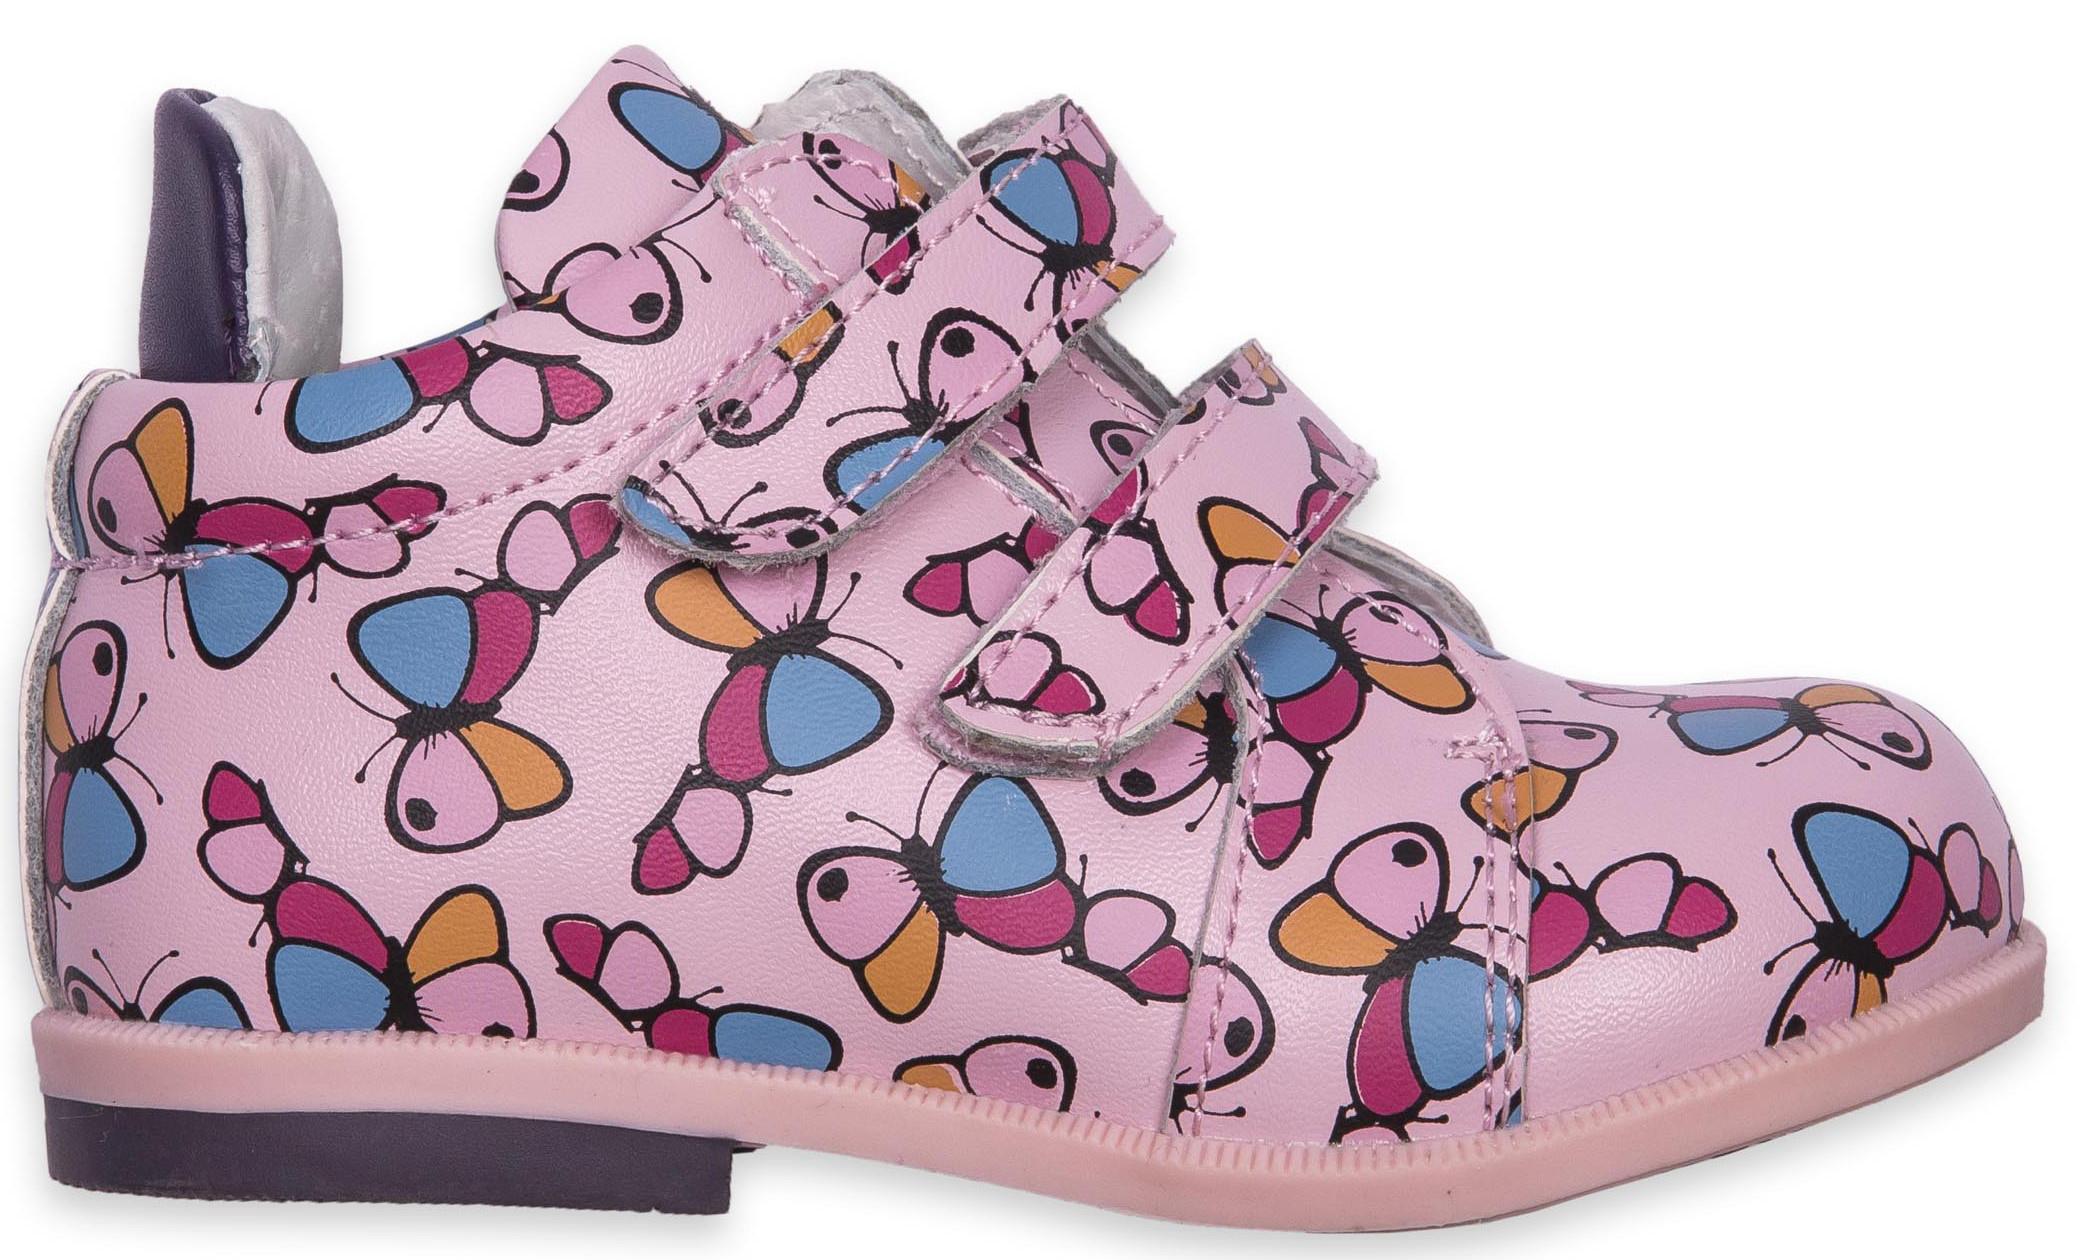 Ботинки и полуботинки Barkito Ботинки для девочки Barkito, розовые с рисунком бабочки